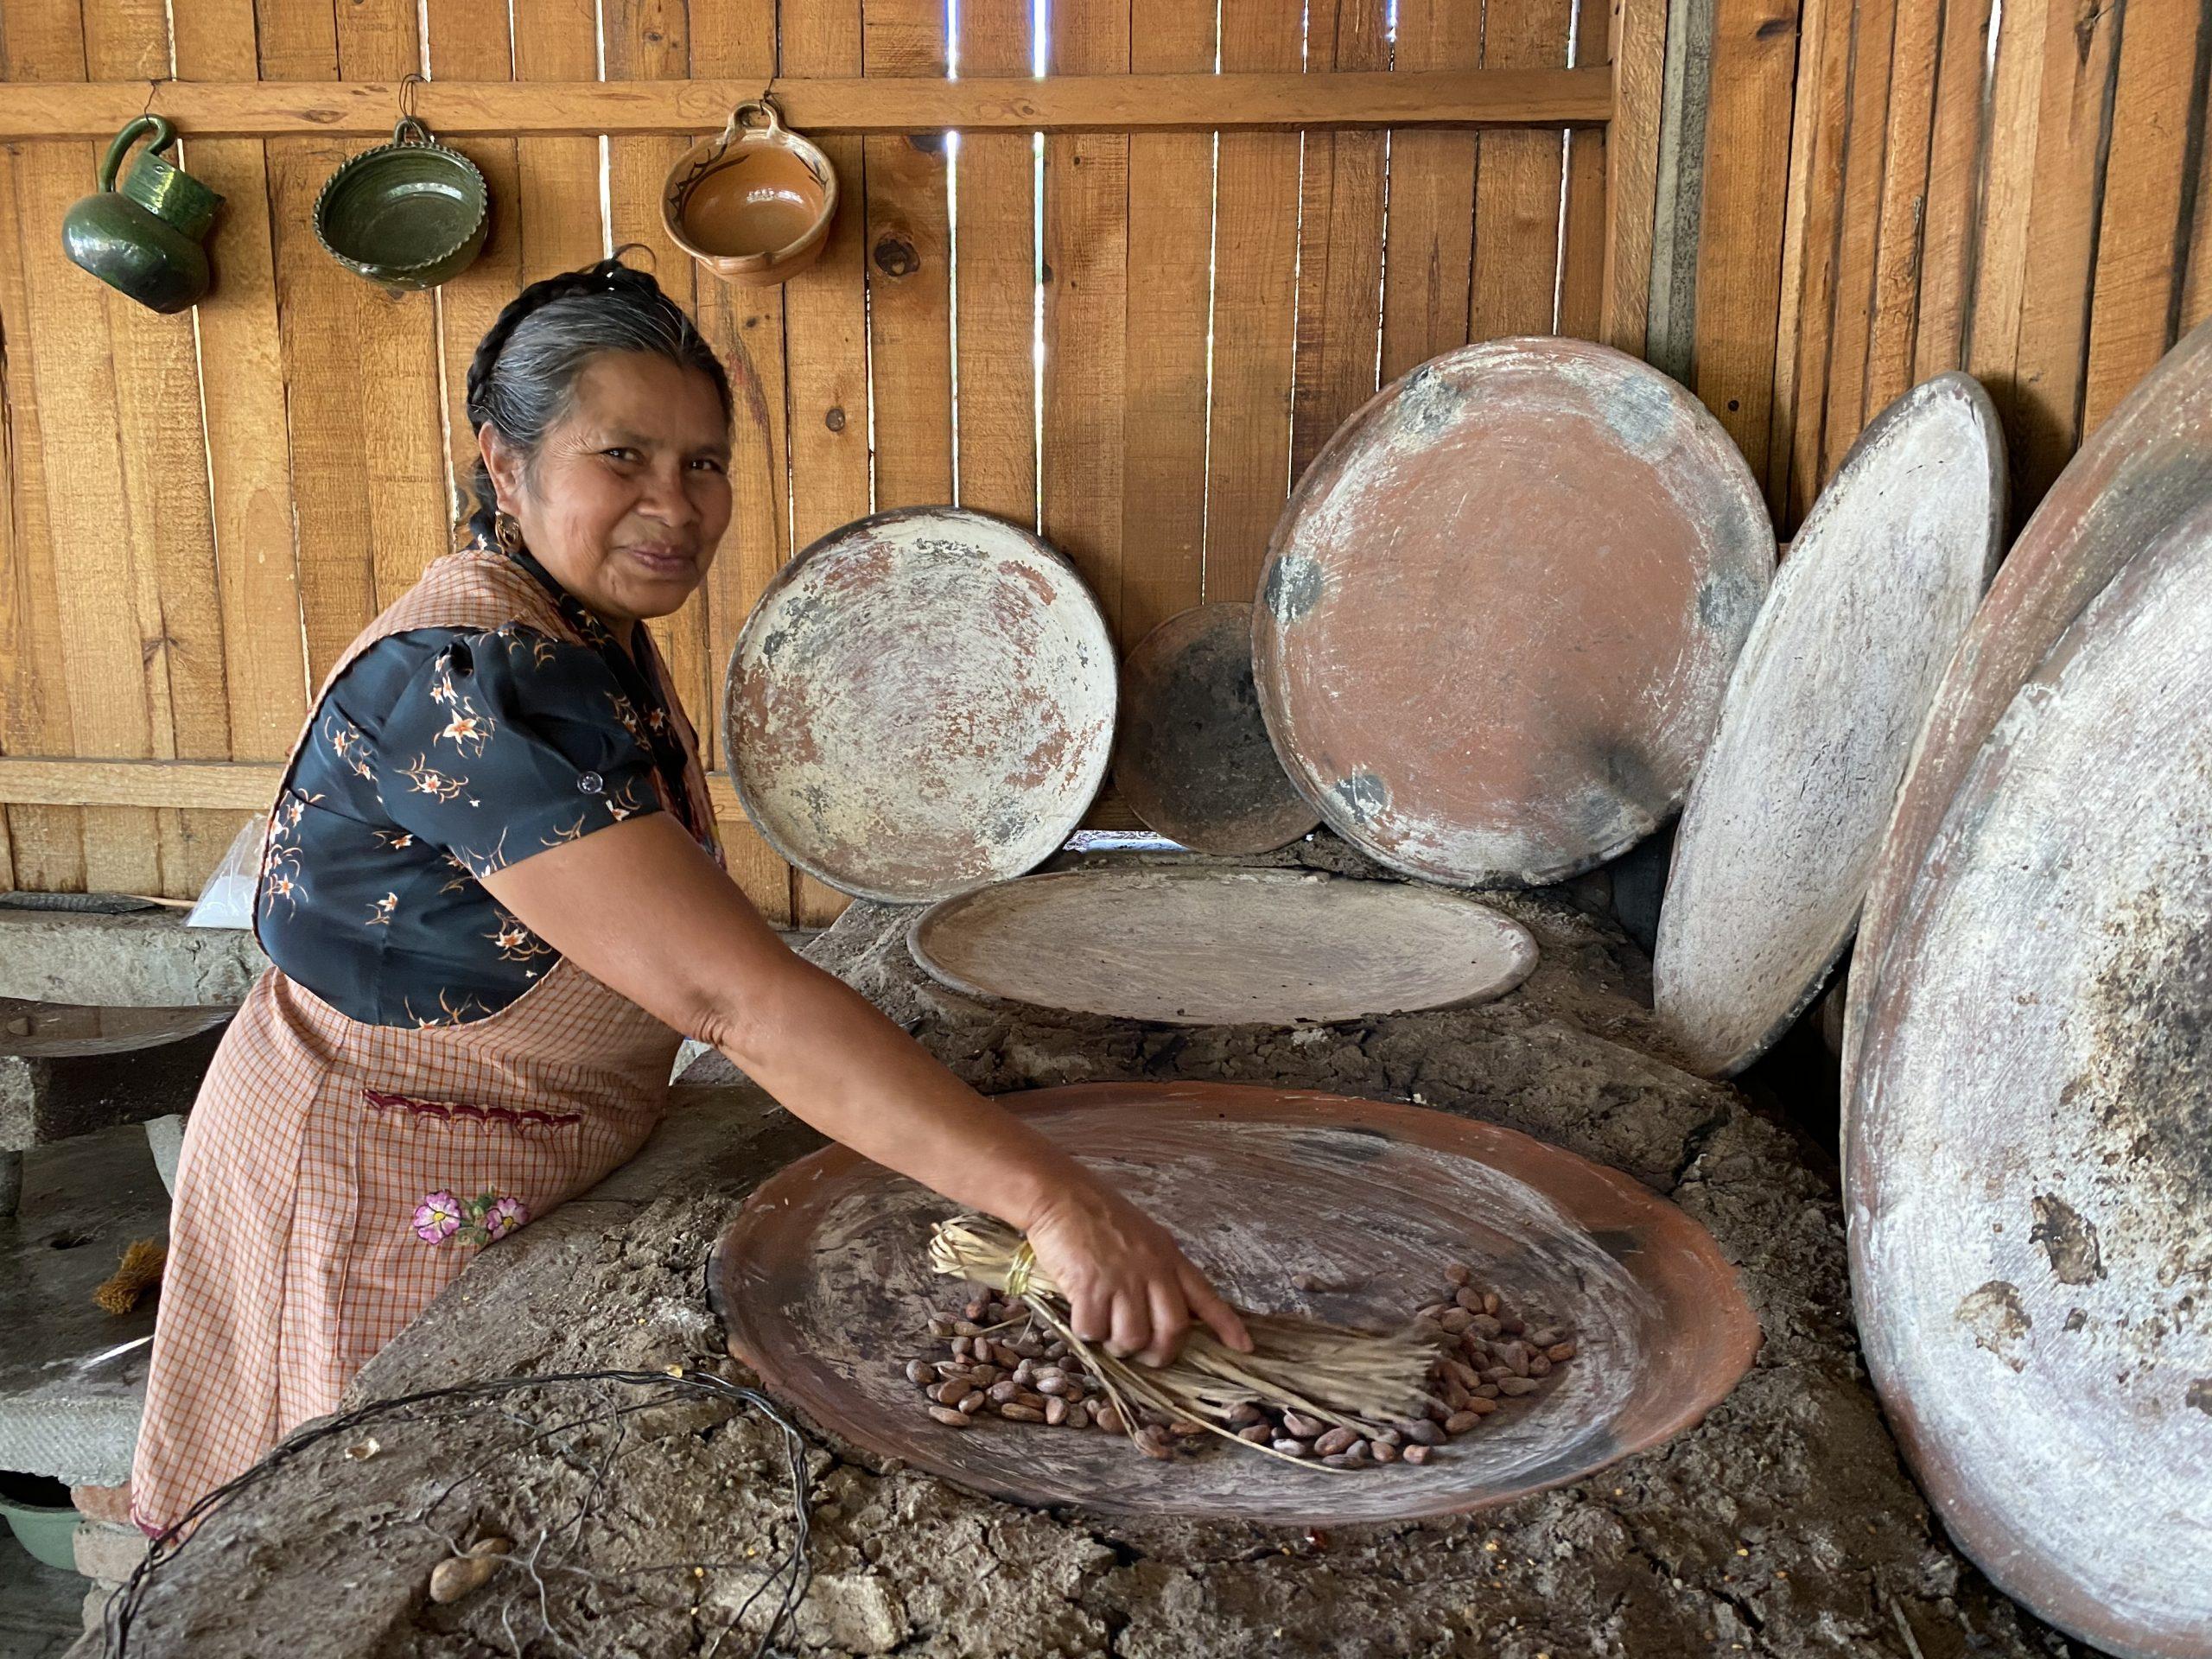 MEXICO SOSTENIBLE - MUJER Y VIAJERA - VIAJAR SOLA - VIAJES PARA MUJERES29